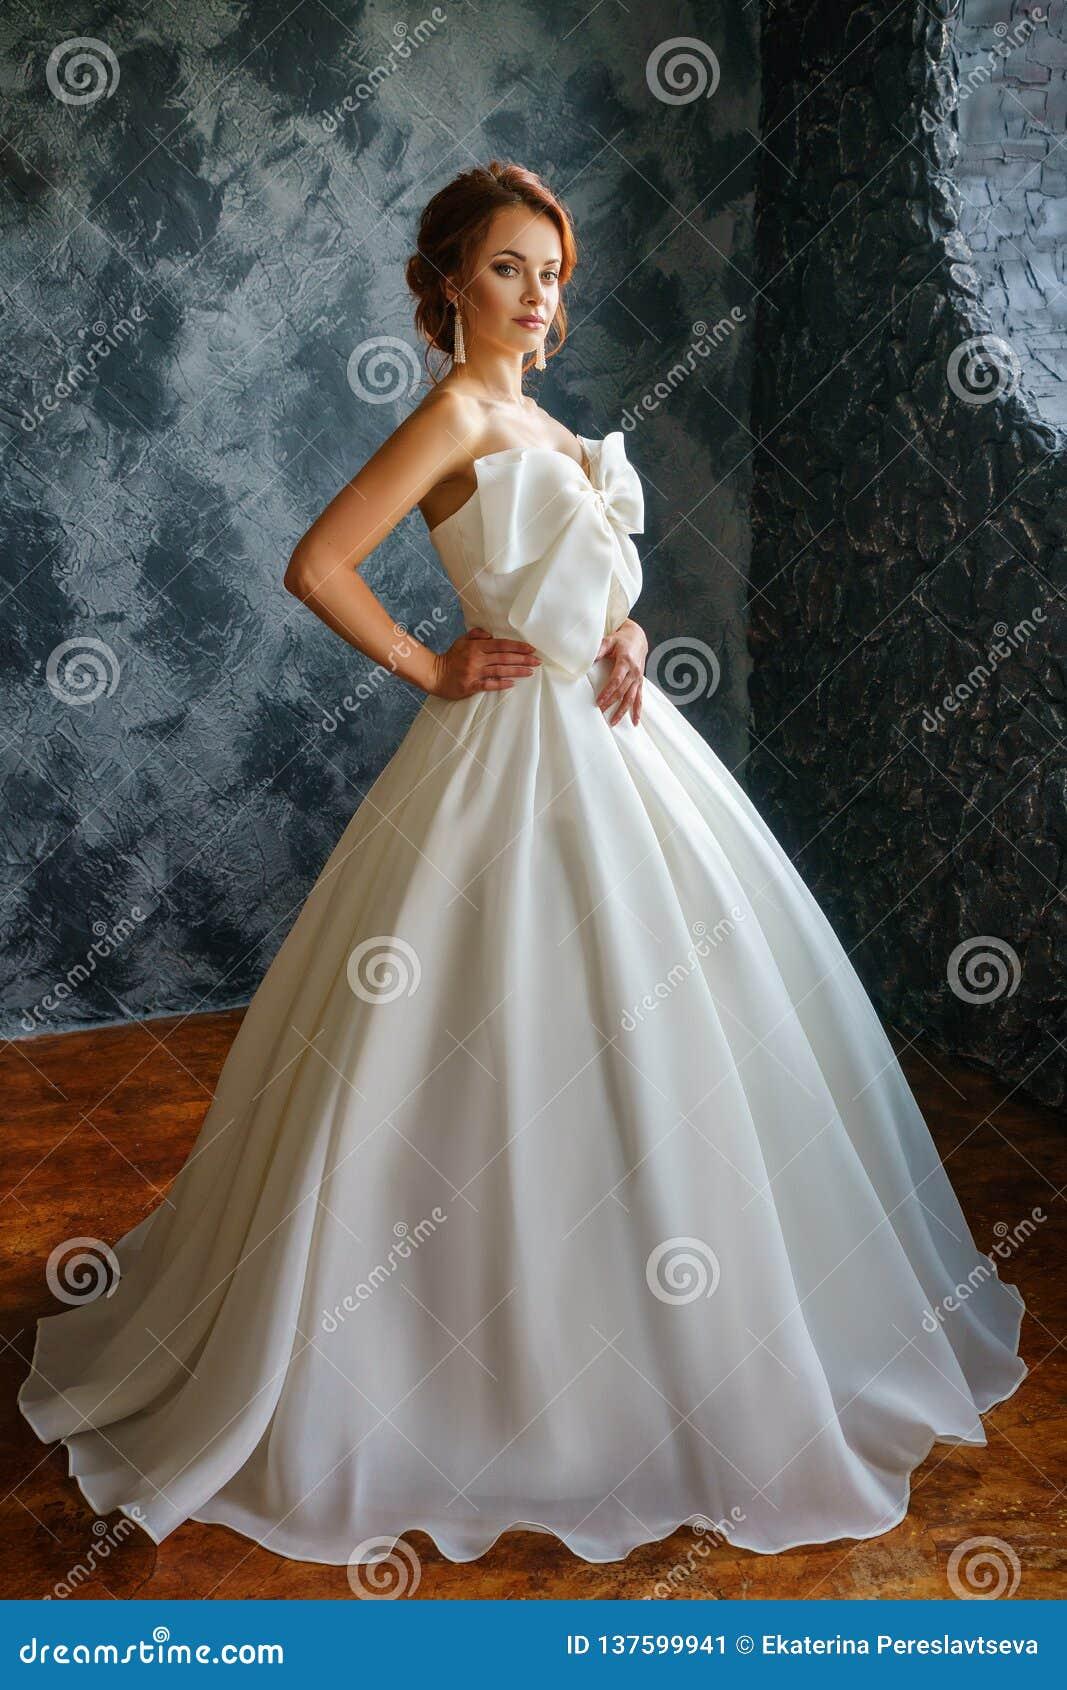 Härlig ung kvinna i bröllopsklänning, romantisk bild av bruden, härligt smink och frisyr